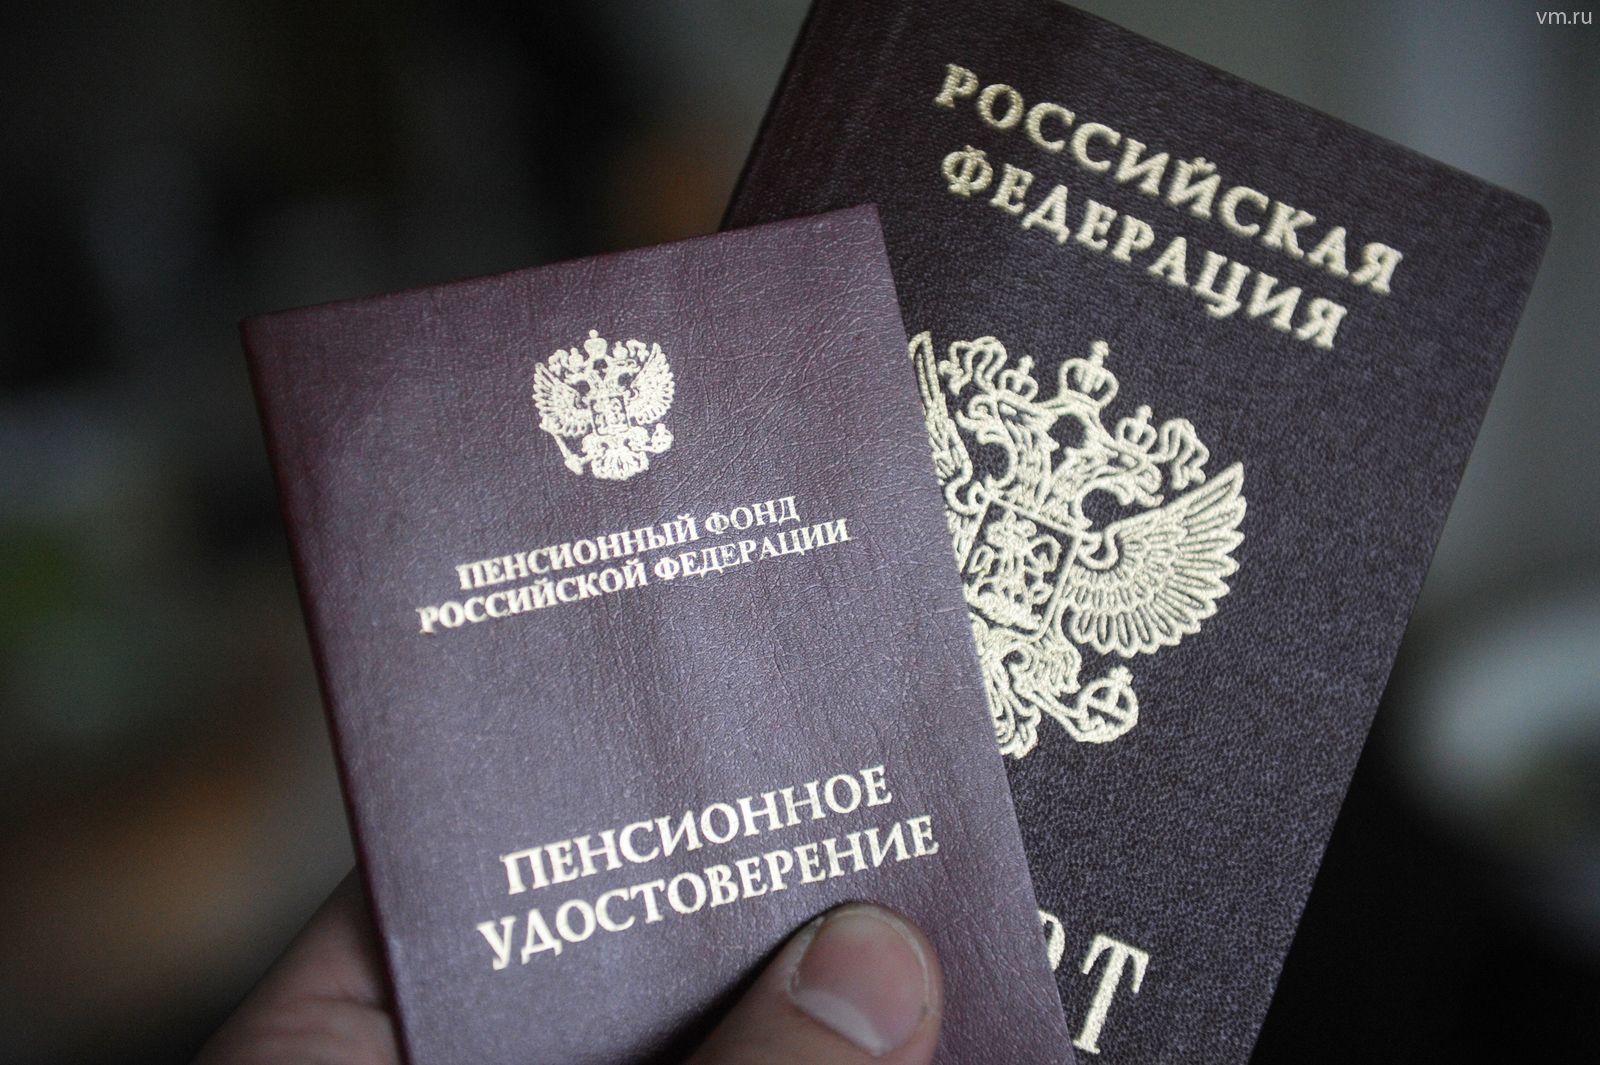 Вопросы пенсионного обеспечения. Возможно ли значительно увеличить пенсии в России?